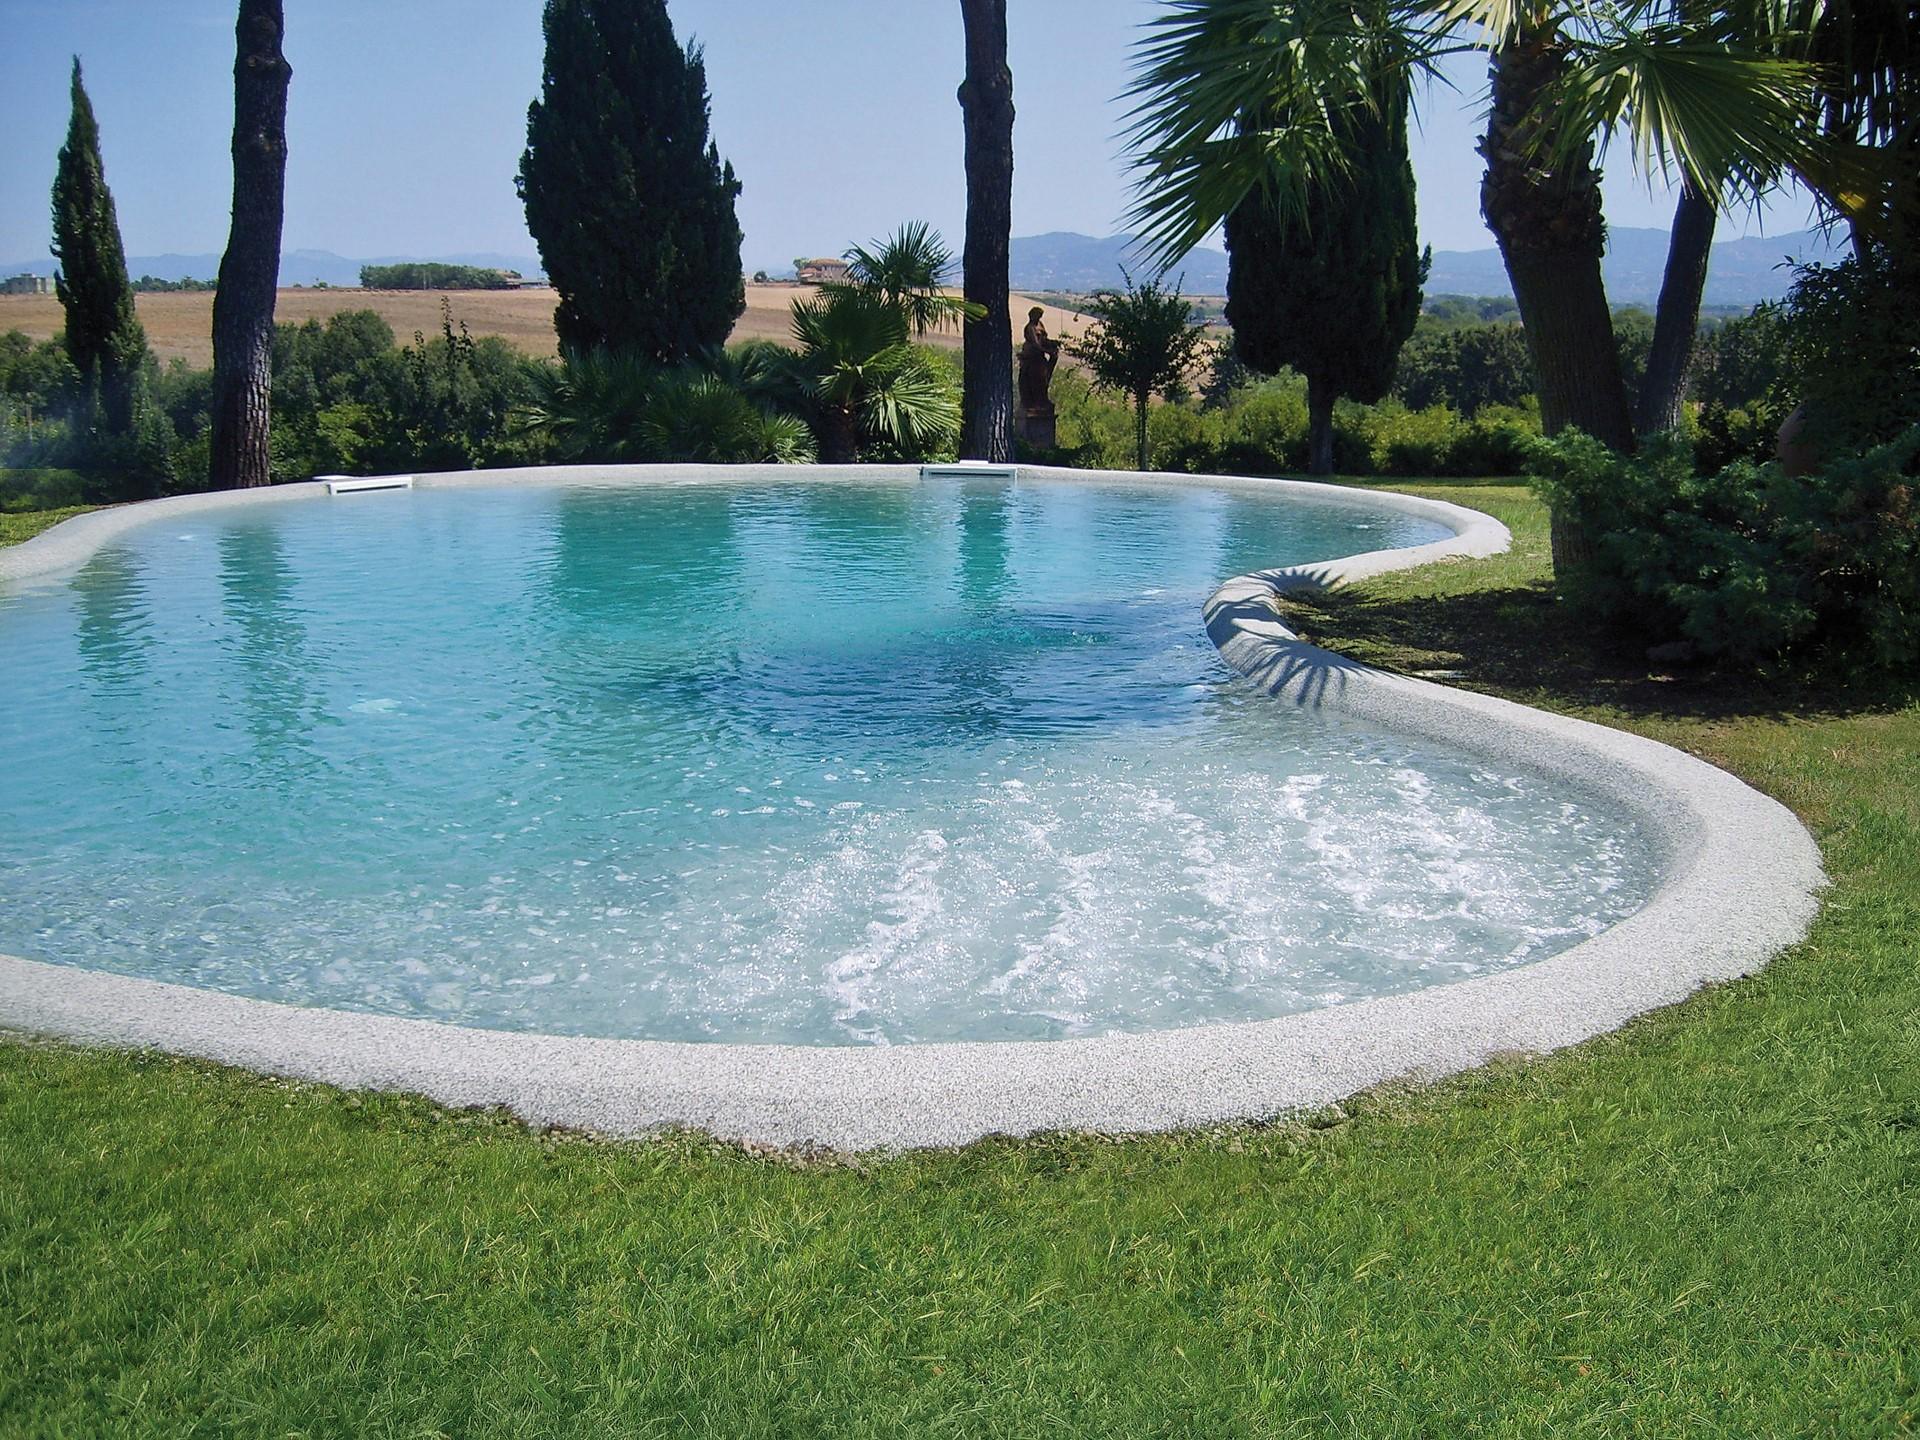 gallery private swimming pools piscine bio design